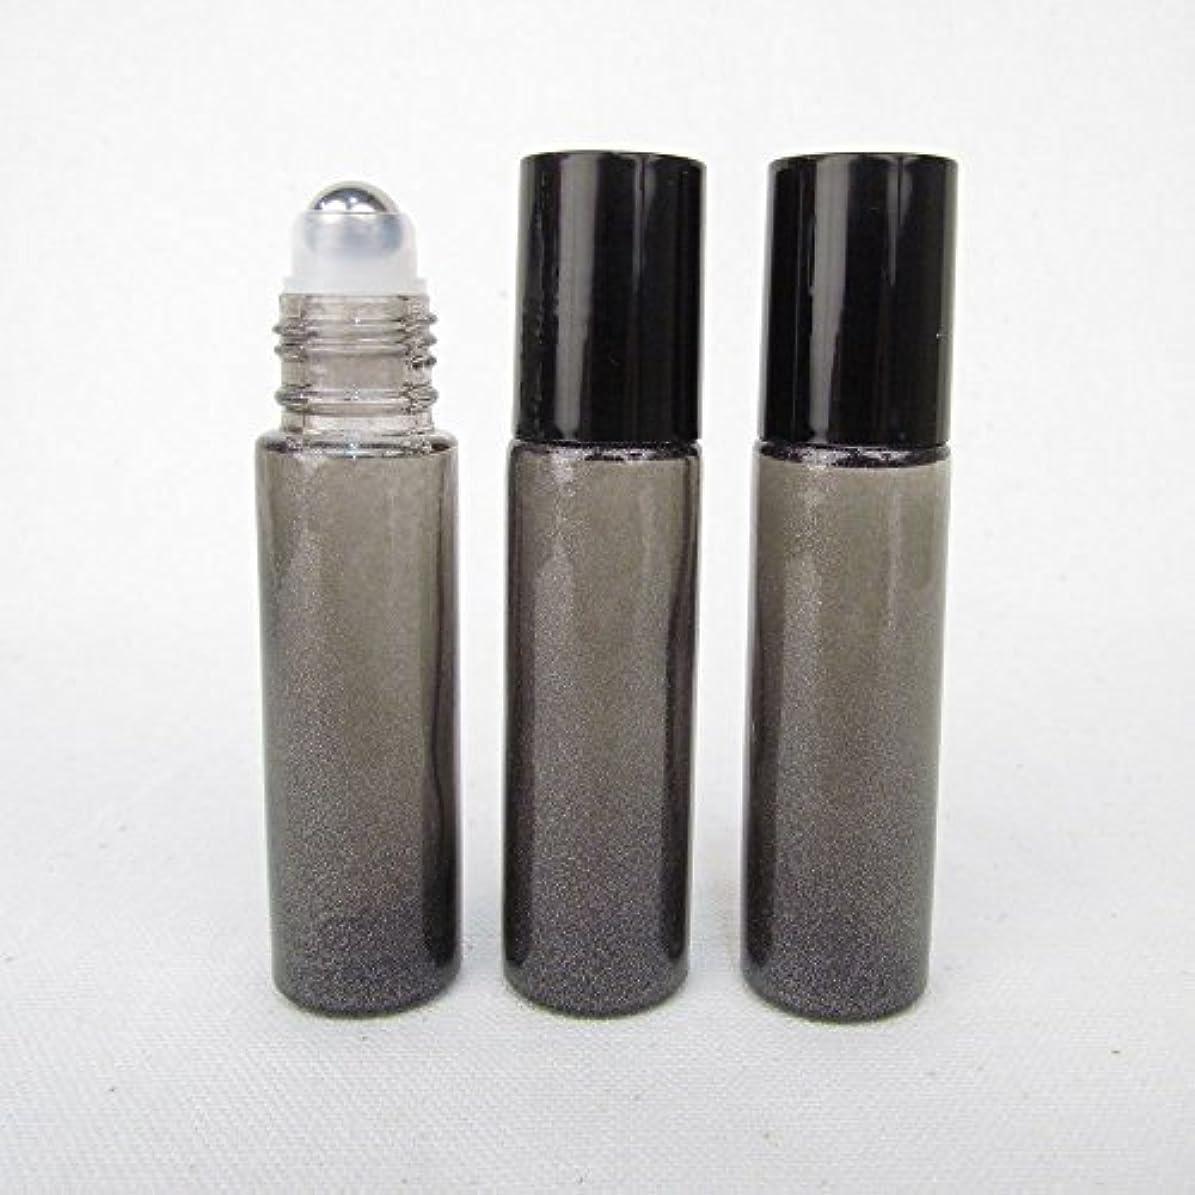 収穫王位身元Set of 3 Granite Gray Color 10ml Roll on Bottle with Stainless Steel Ball for Essential Oil Products by Rivertree...